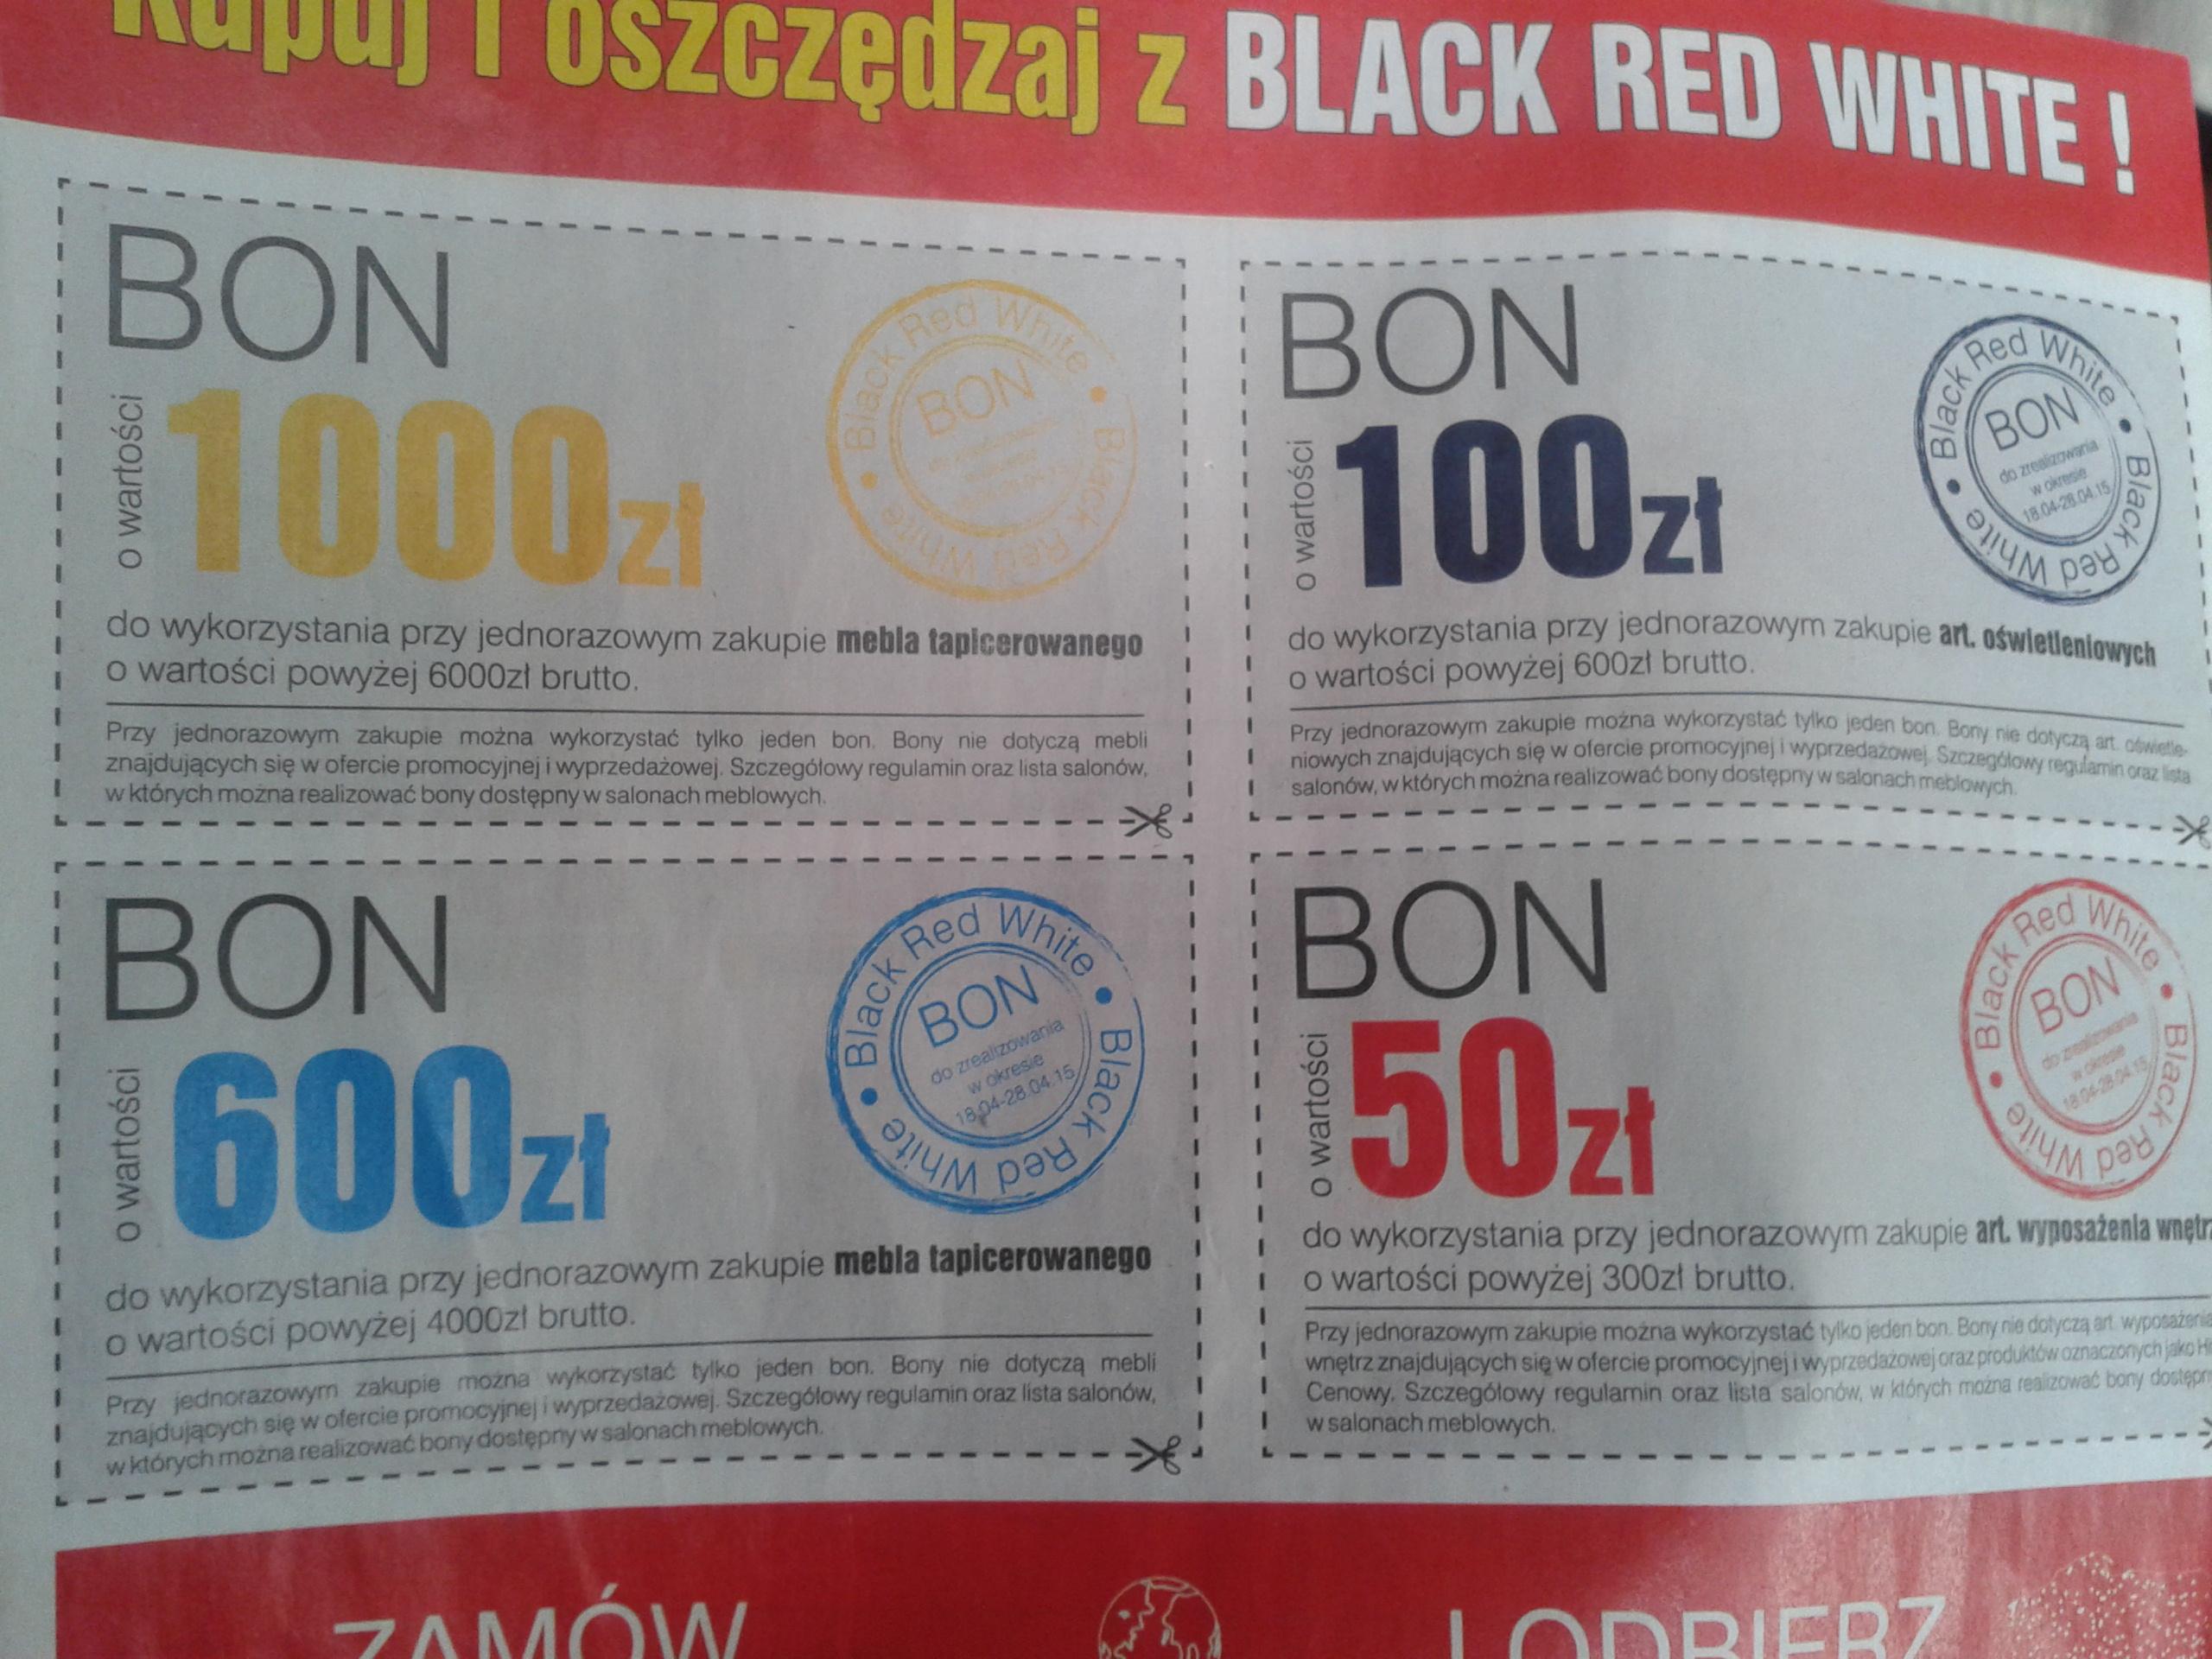 Bony rabatowe o wartości 50zł-1000zł @ Black Red White